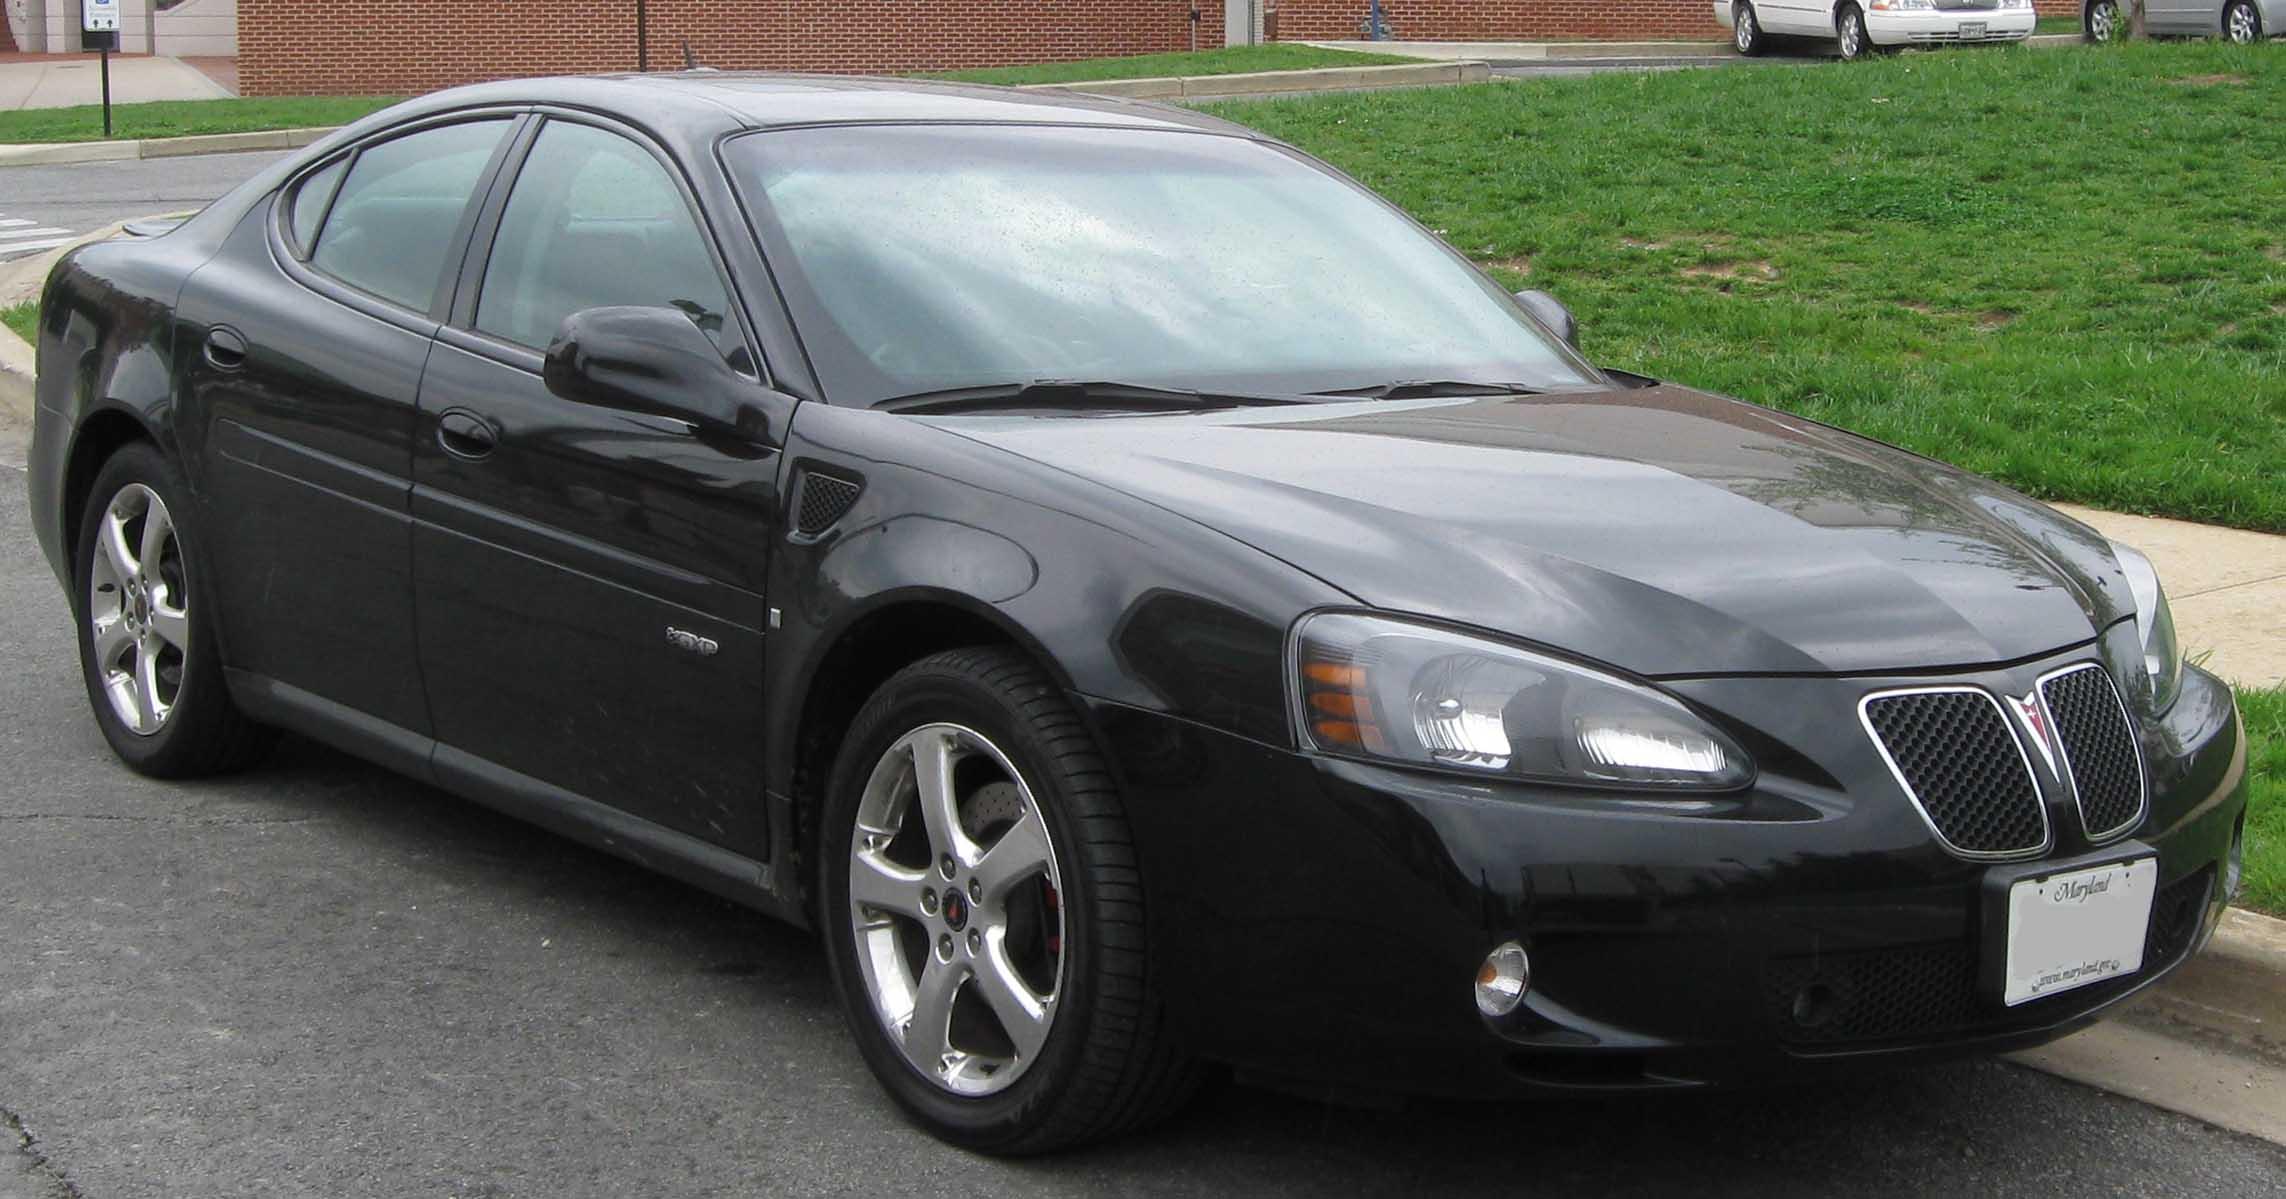 1998 Pontiac Grand Am Gt Custom